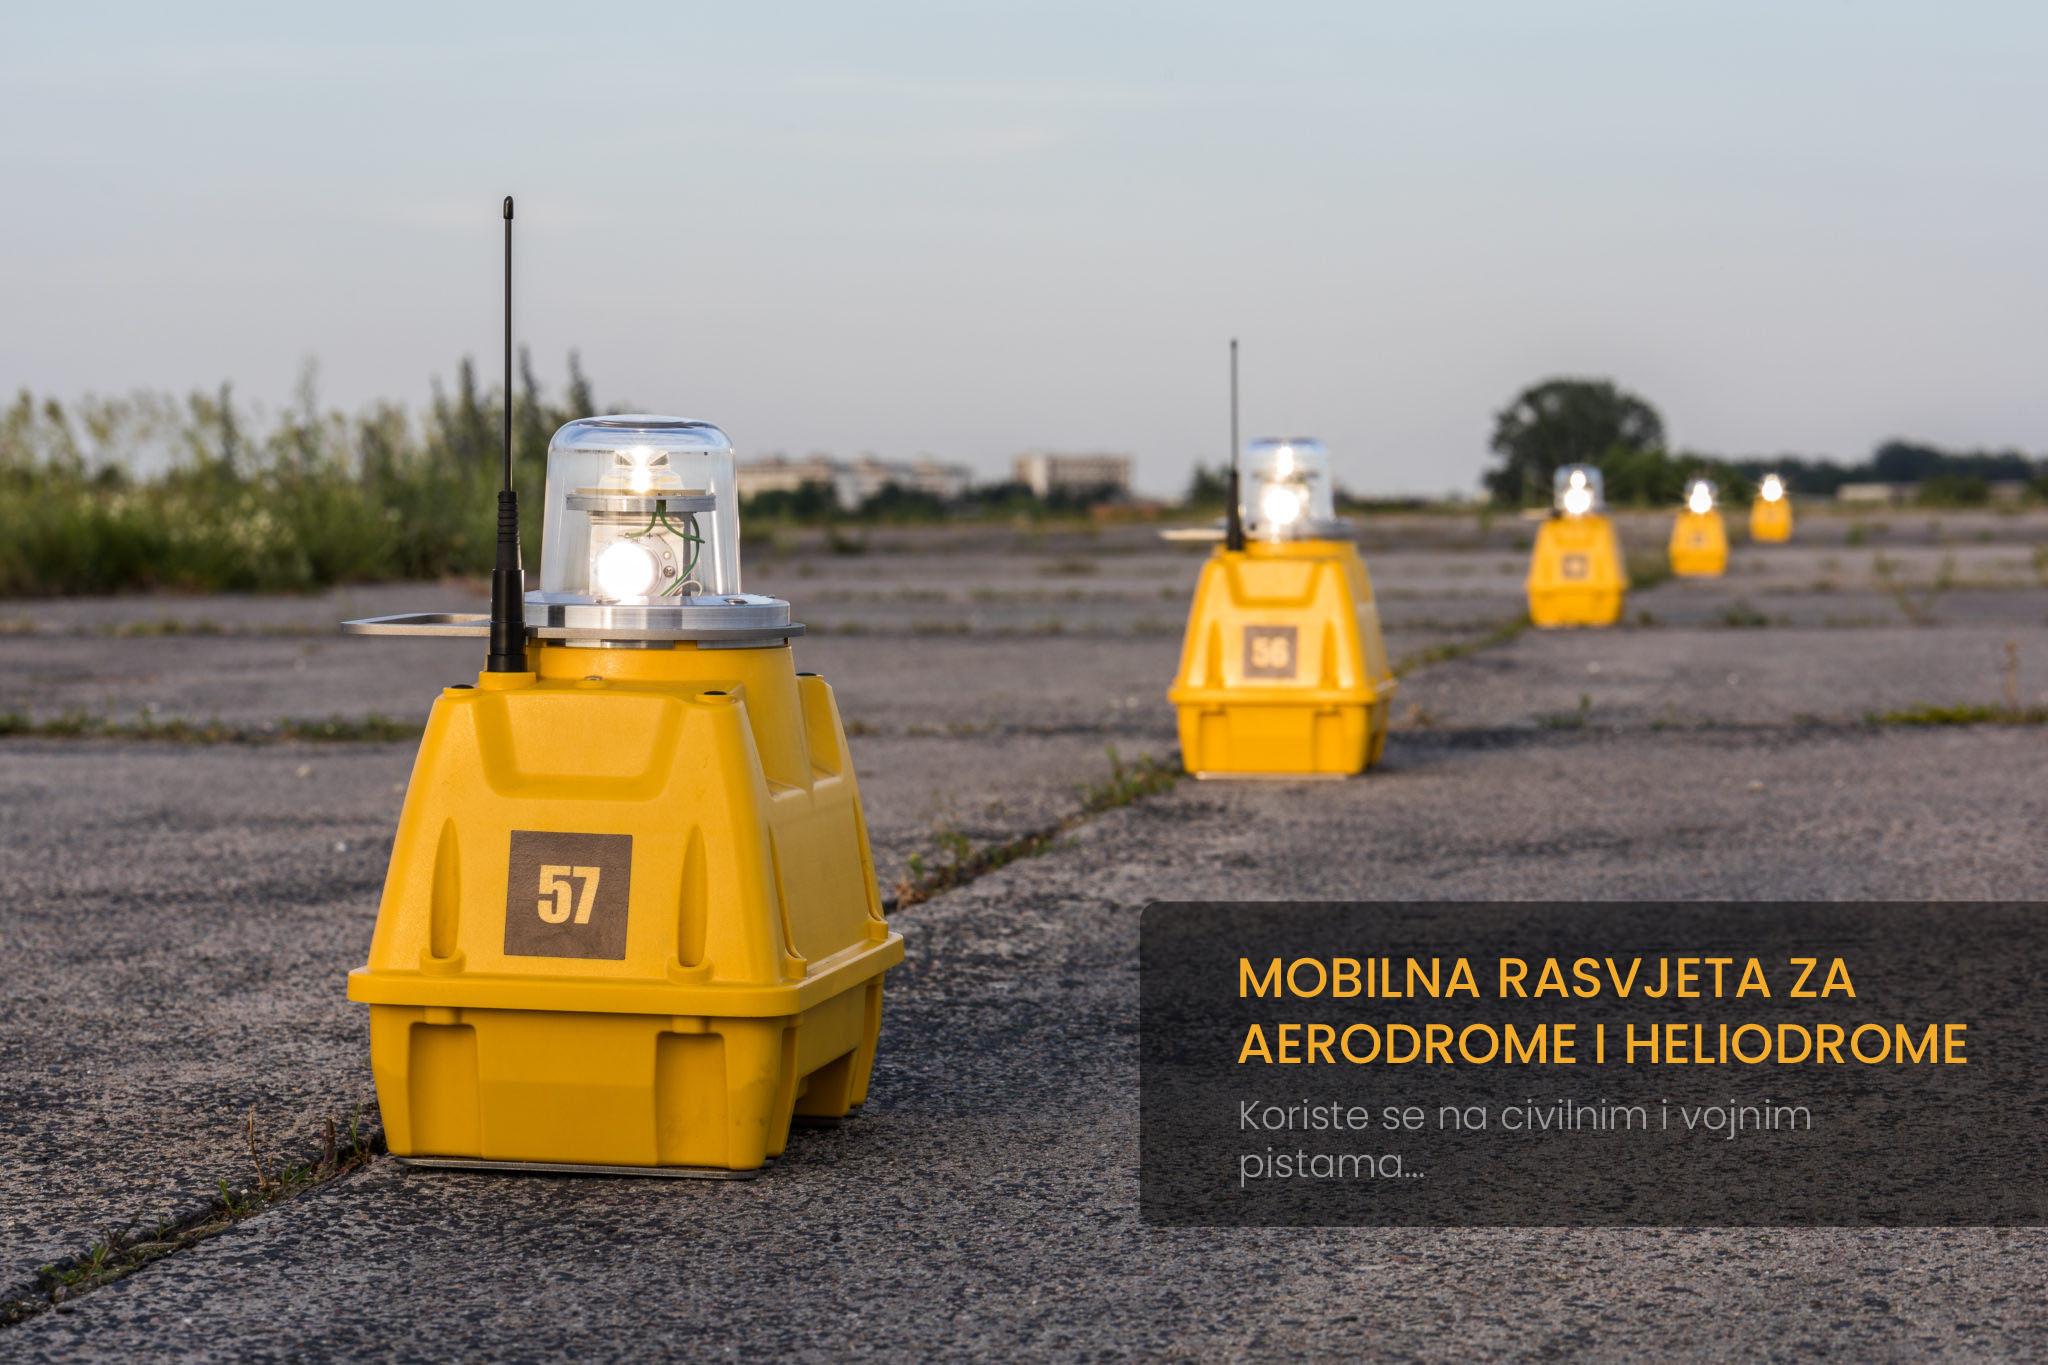 Mobilna osvjetljenja za aerodrome  i heliodrome